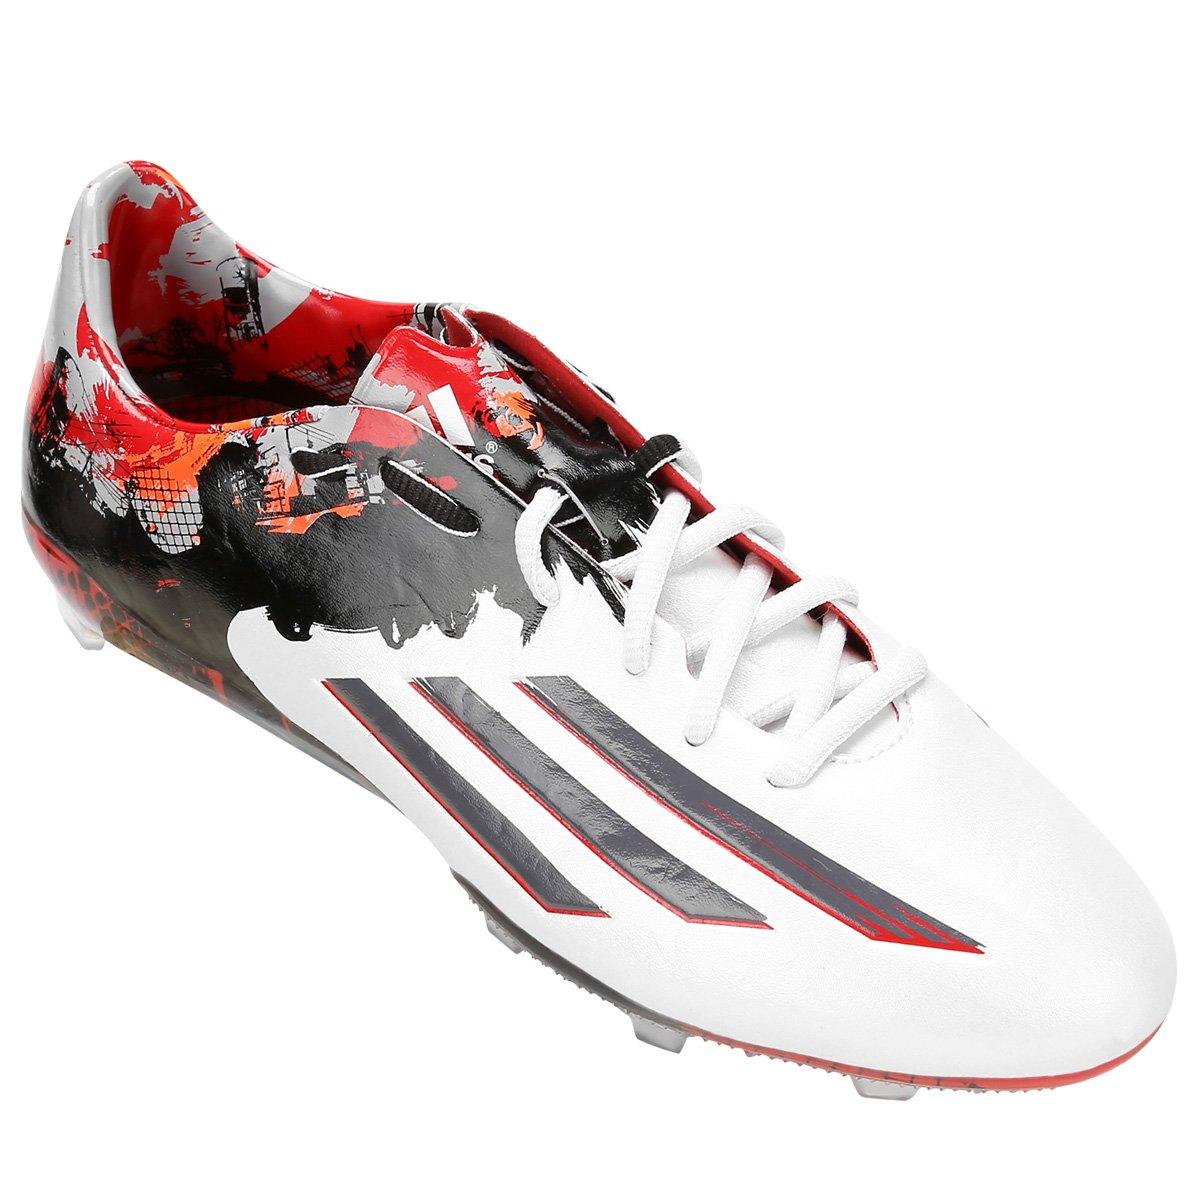 Chuteira Adidas F50 FG Campo Messi - Compre Agora  6dd1d064de86b